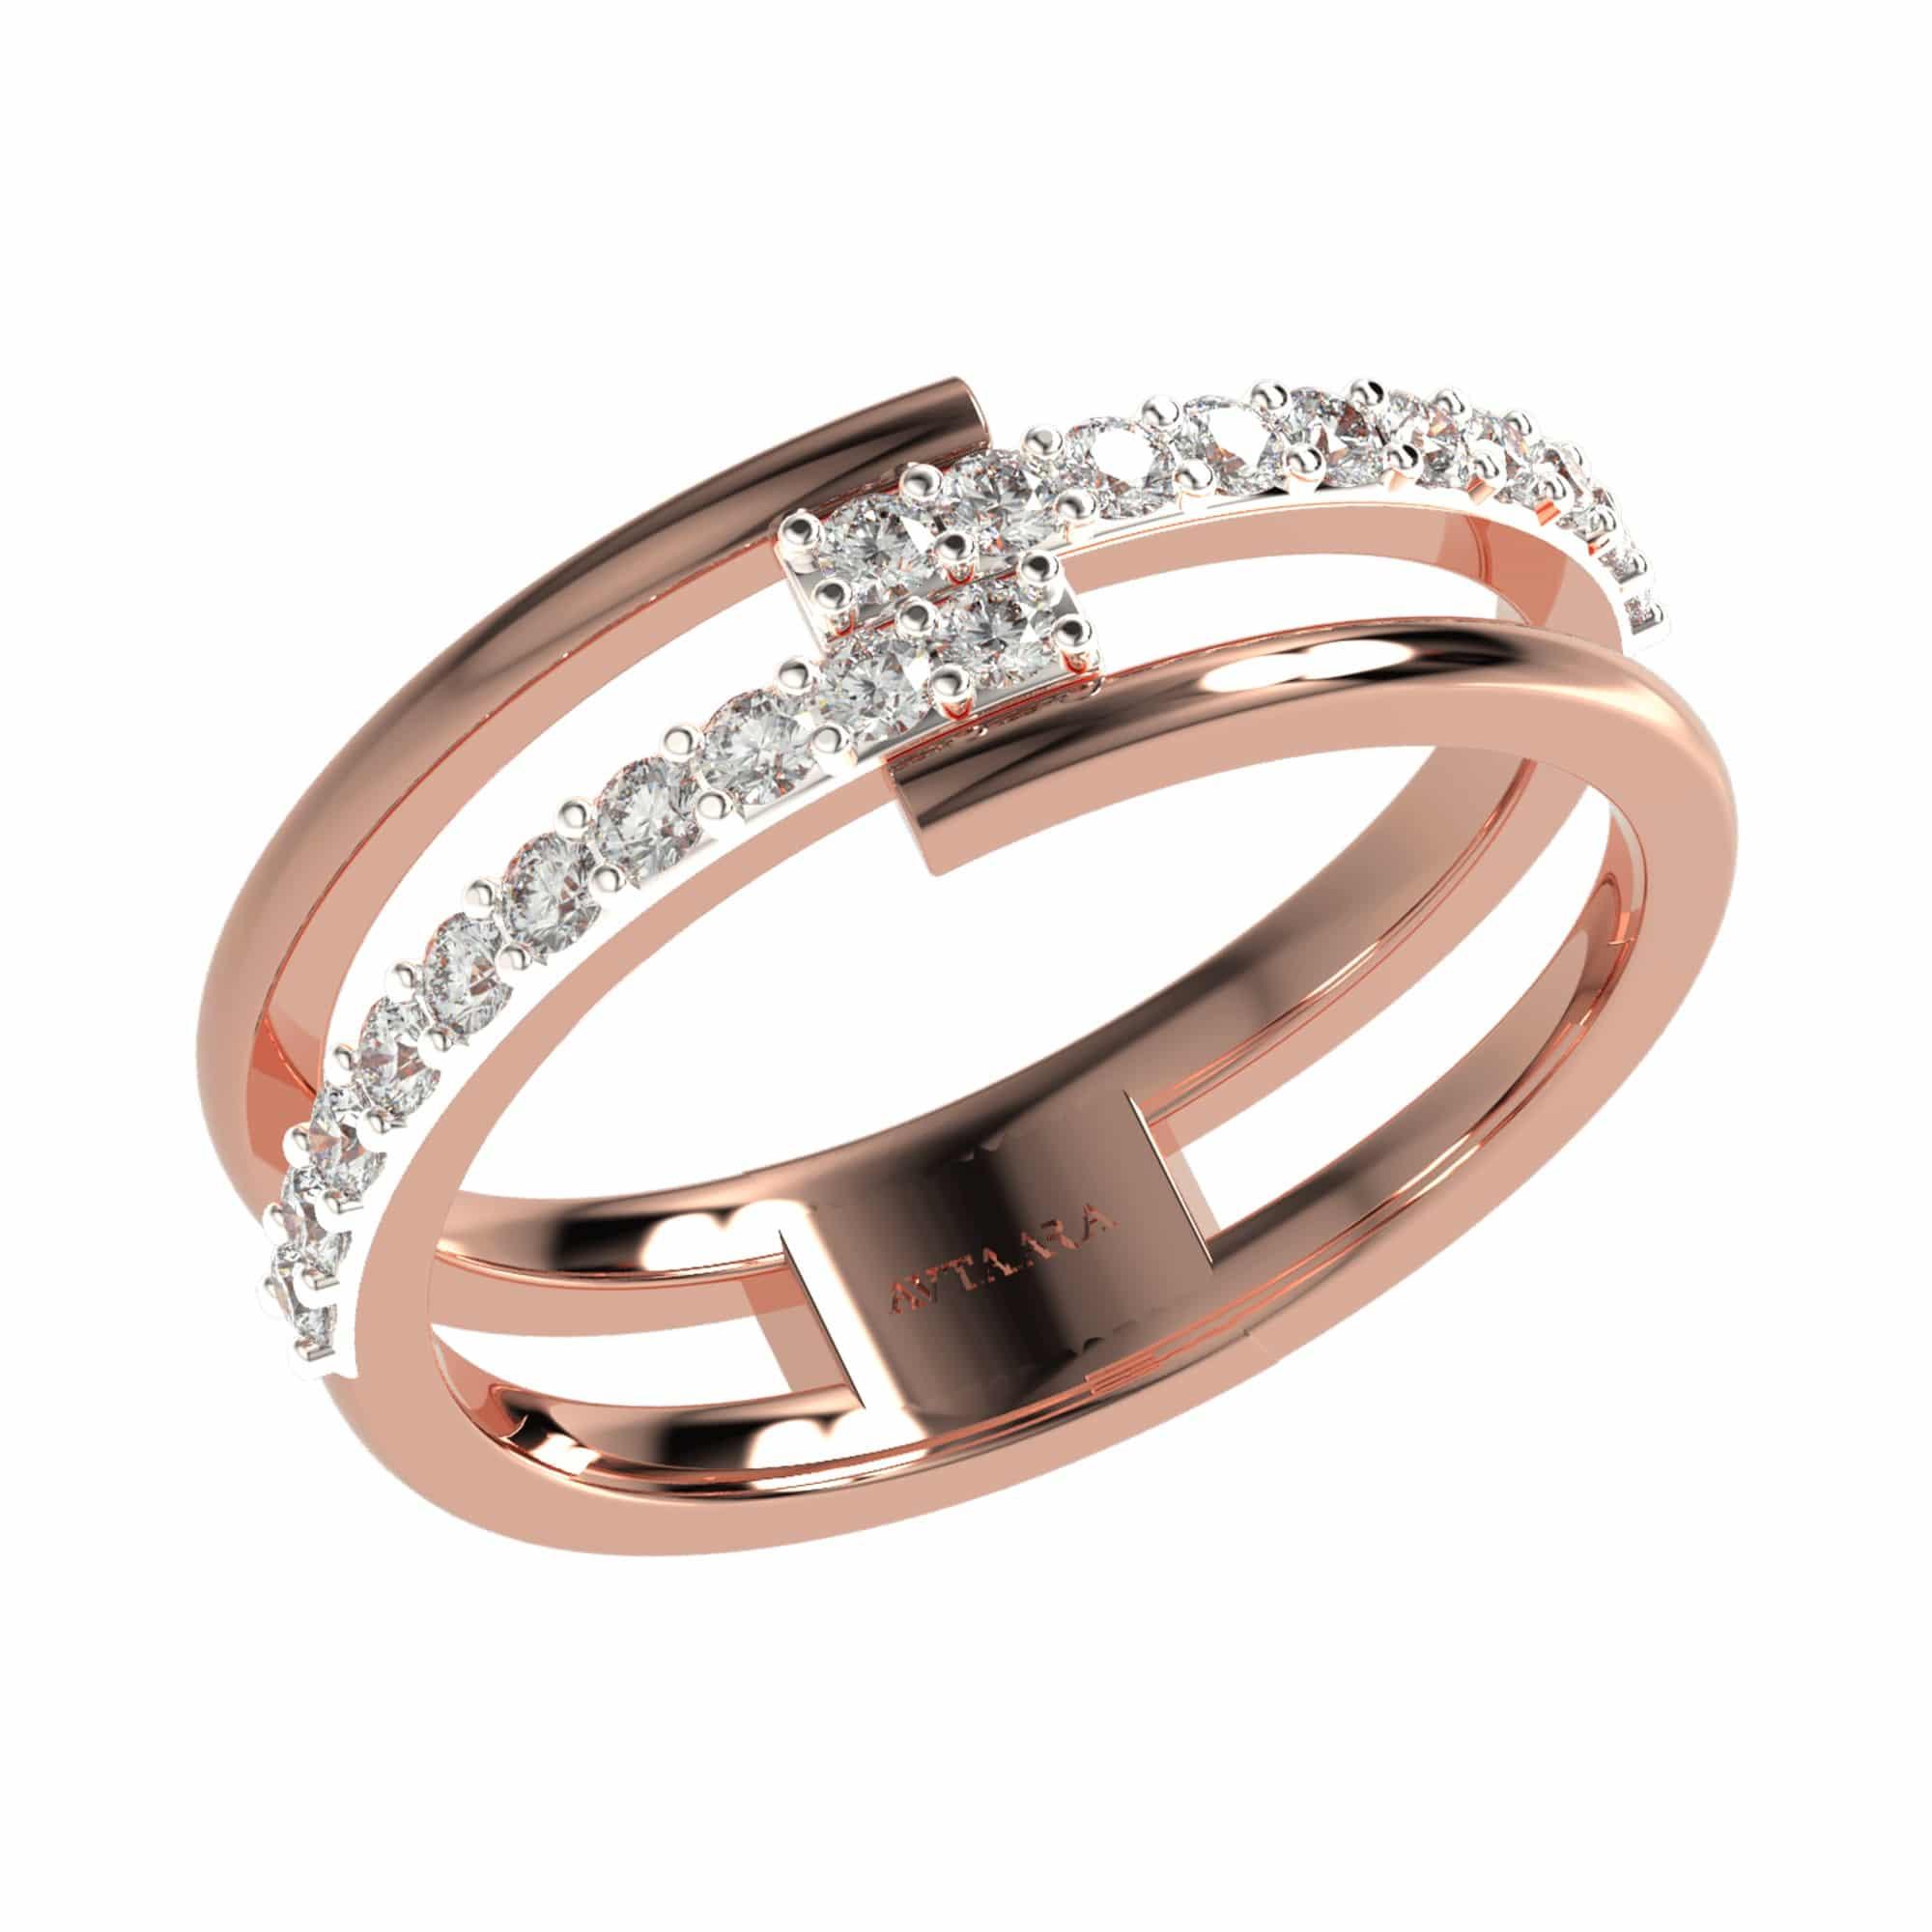 Rose gold kiara ring